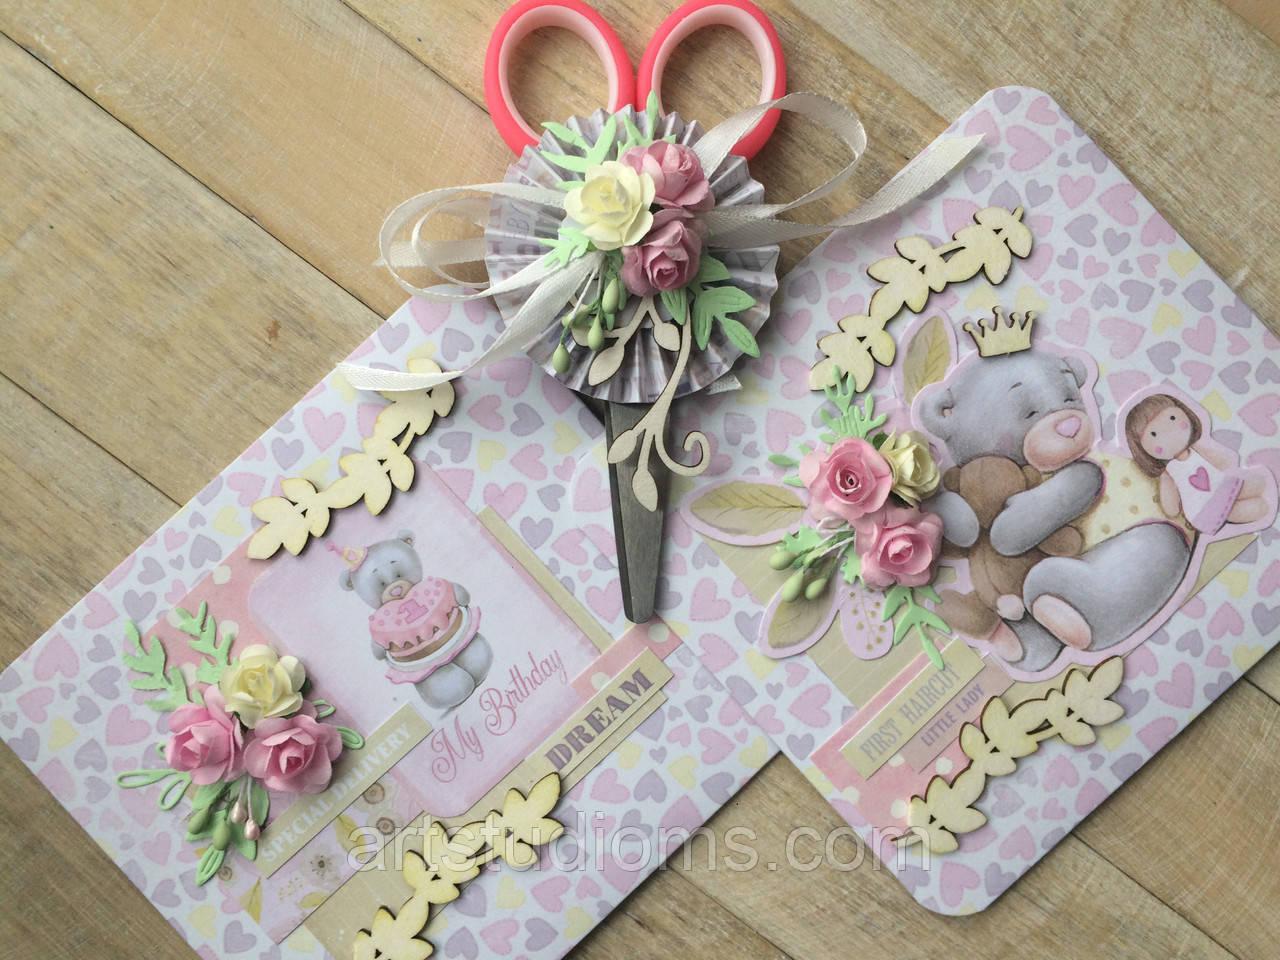 Набор для первого дня рождения. Конверт и ножницы для локона, конверт для письма в будущее